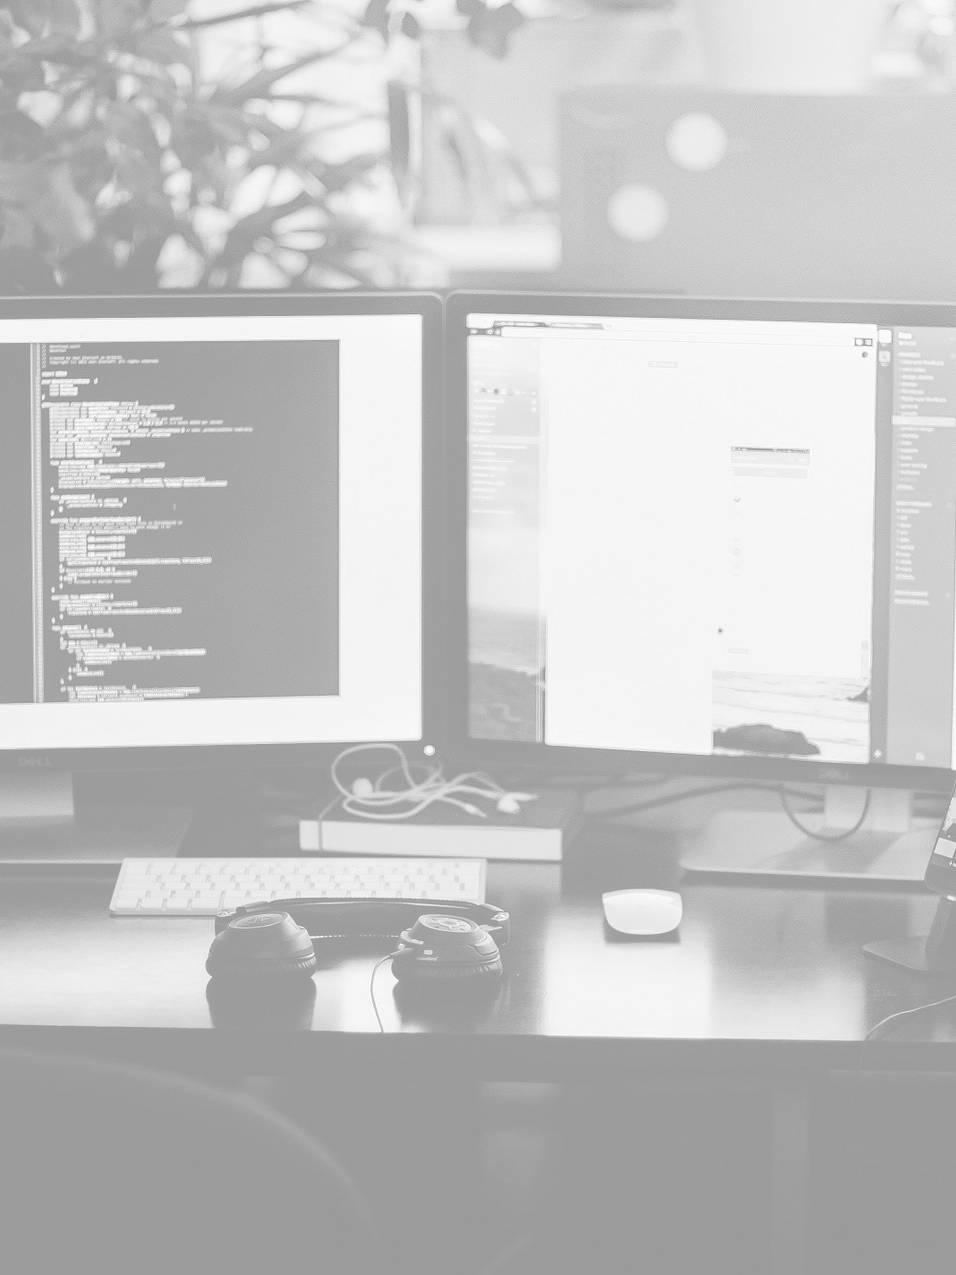 costo para la guía gratuita de diseño web